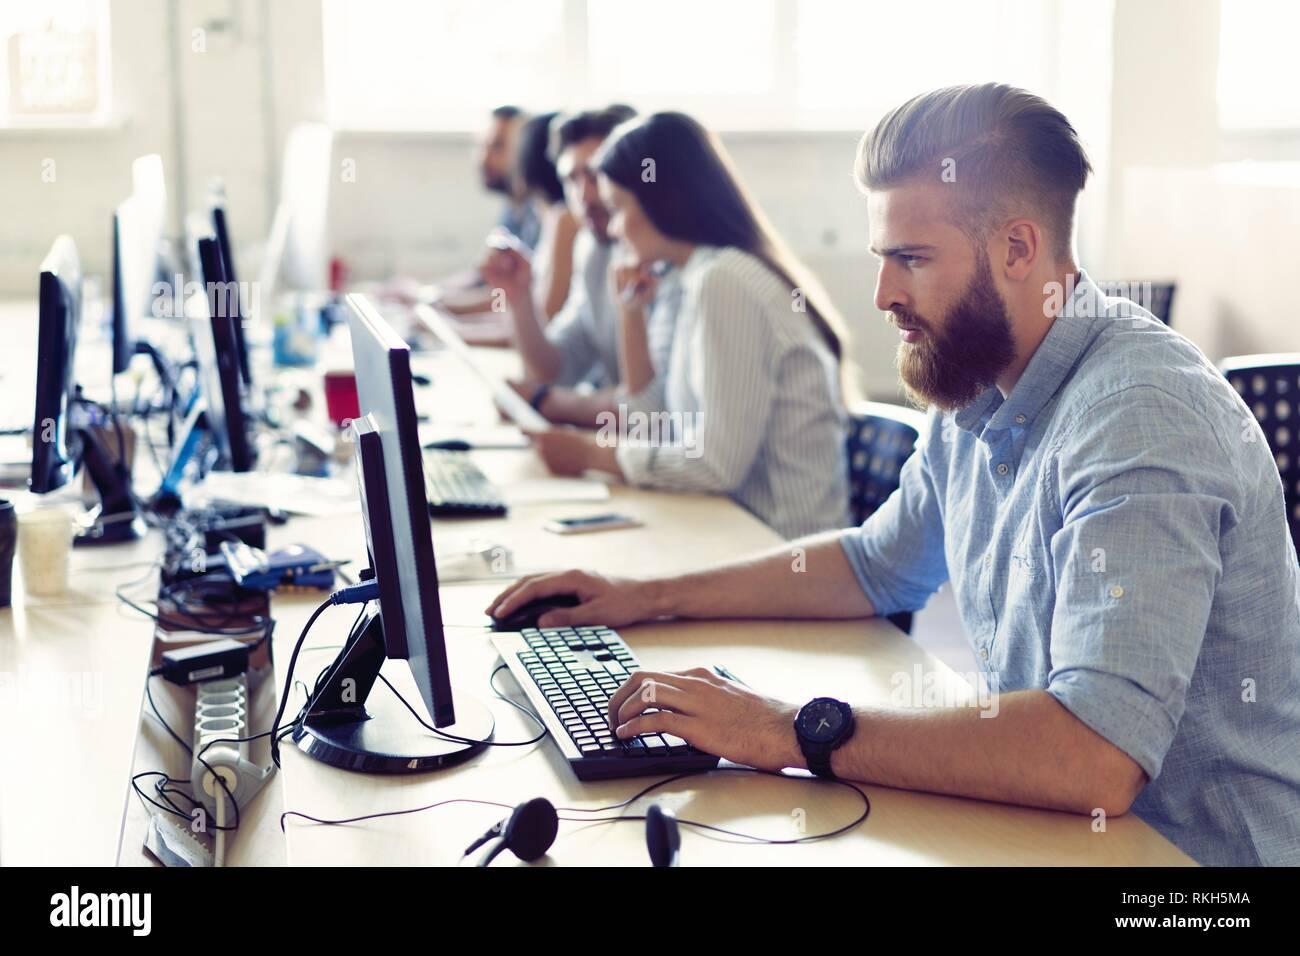 Die Kollegen sind auf ihre Arbeit konzentriert, finden die Lösungen ihrer Unternehmen Probleme, sitzen am Arbeitsplatz in einer Reihe in hellen modernen Büro. Stockfoto